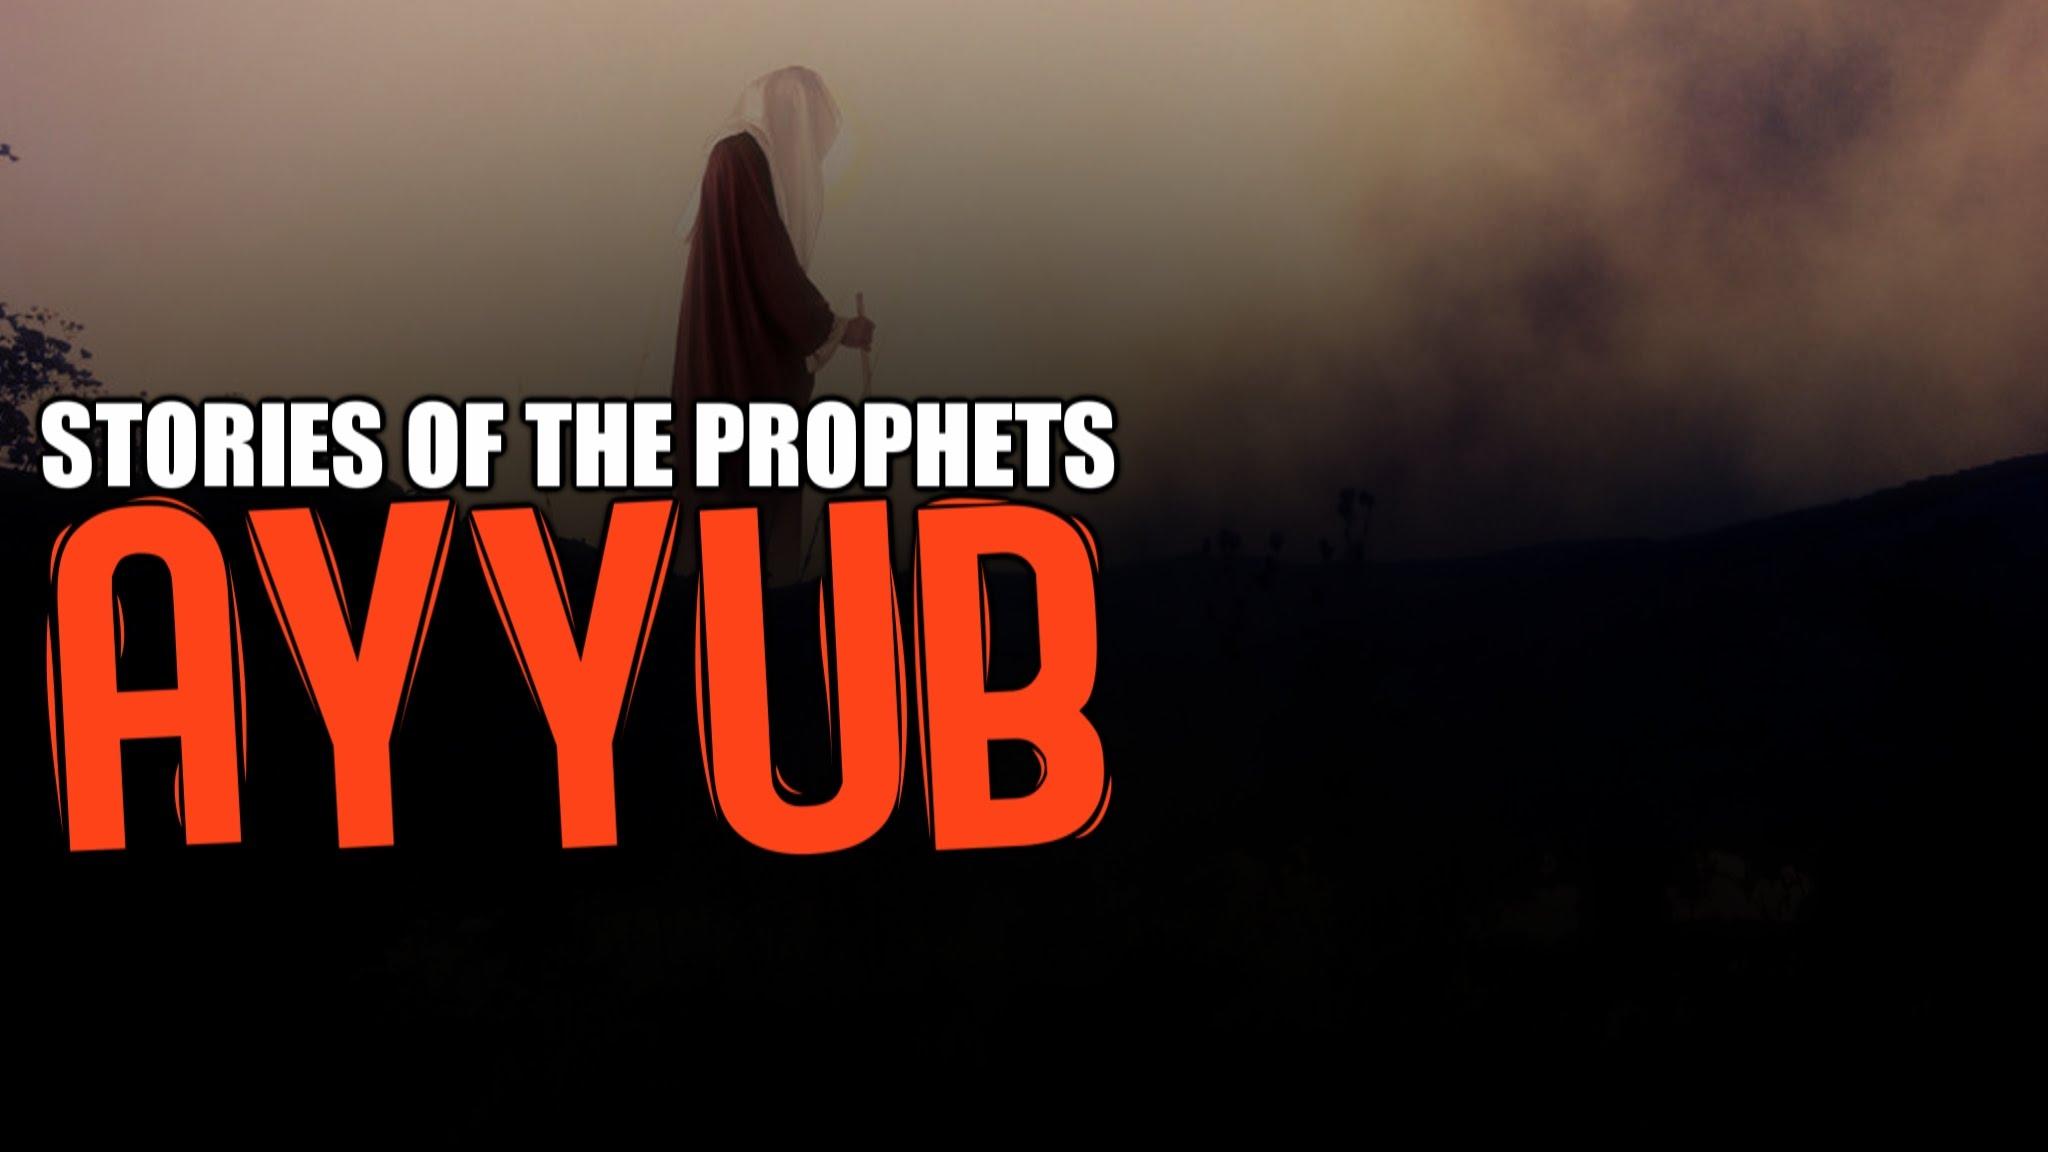 Story of Prophet Ayyub